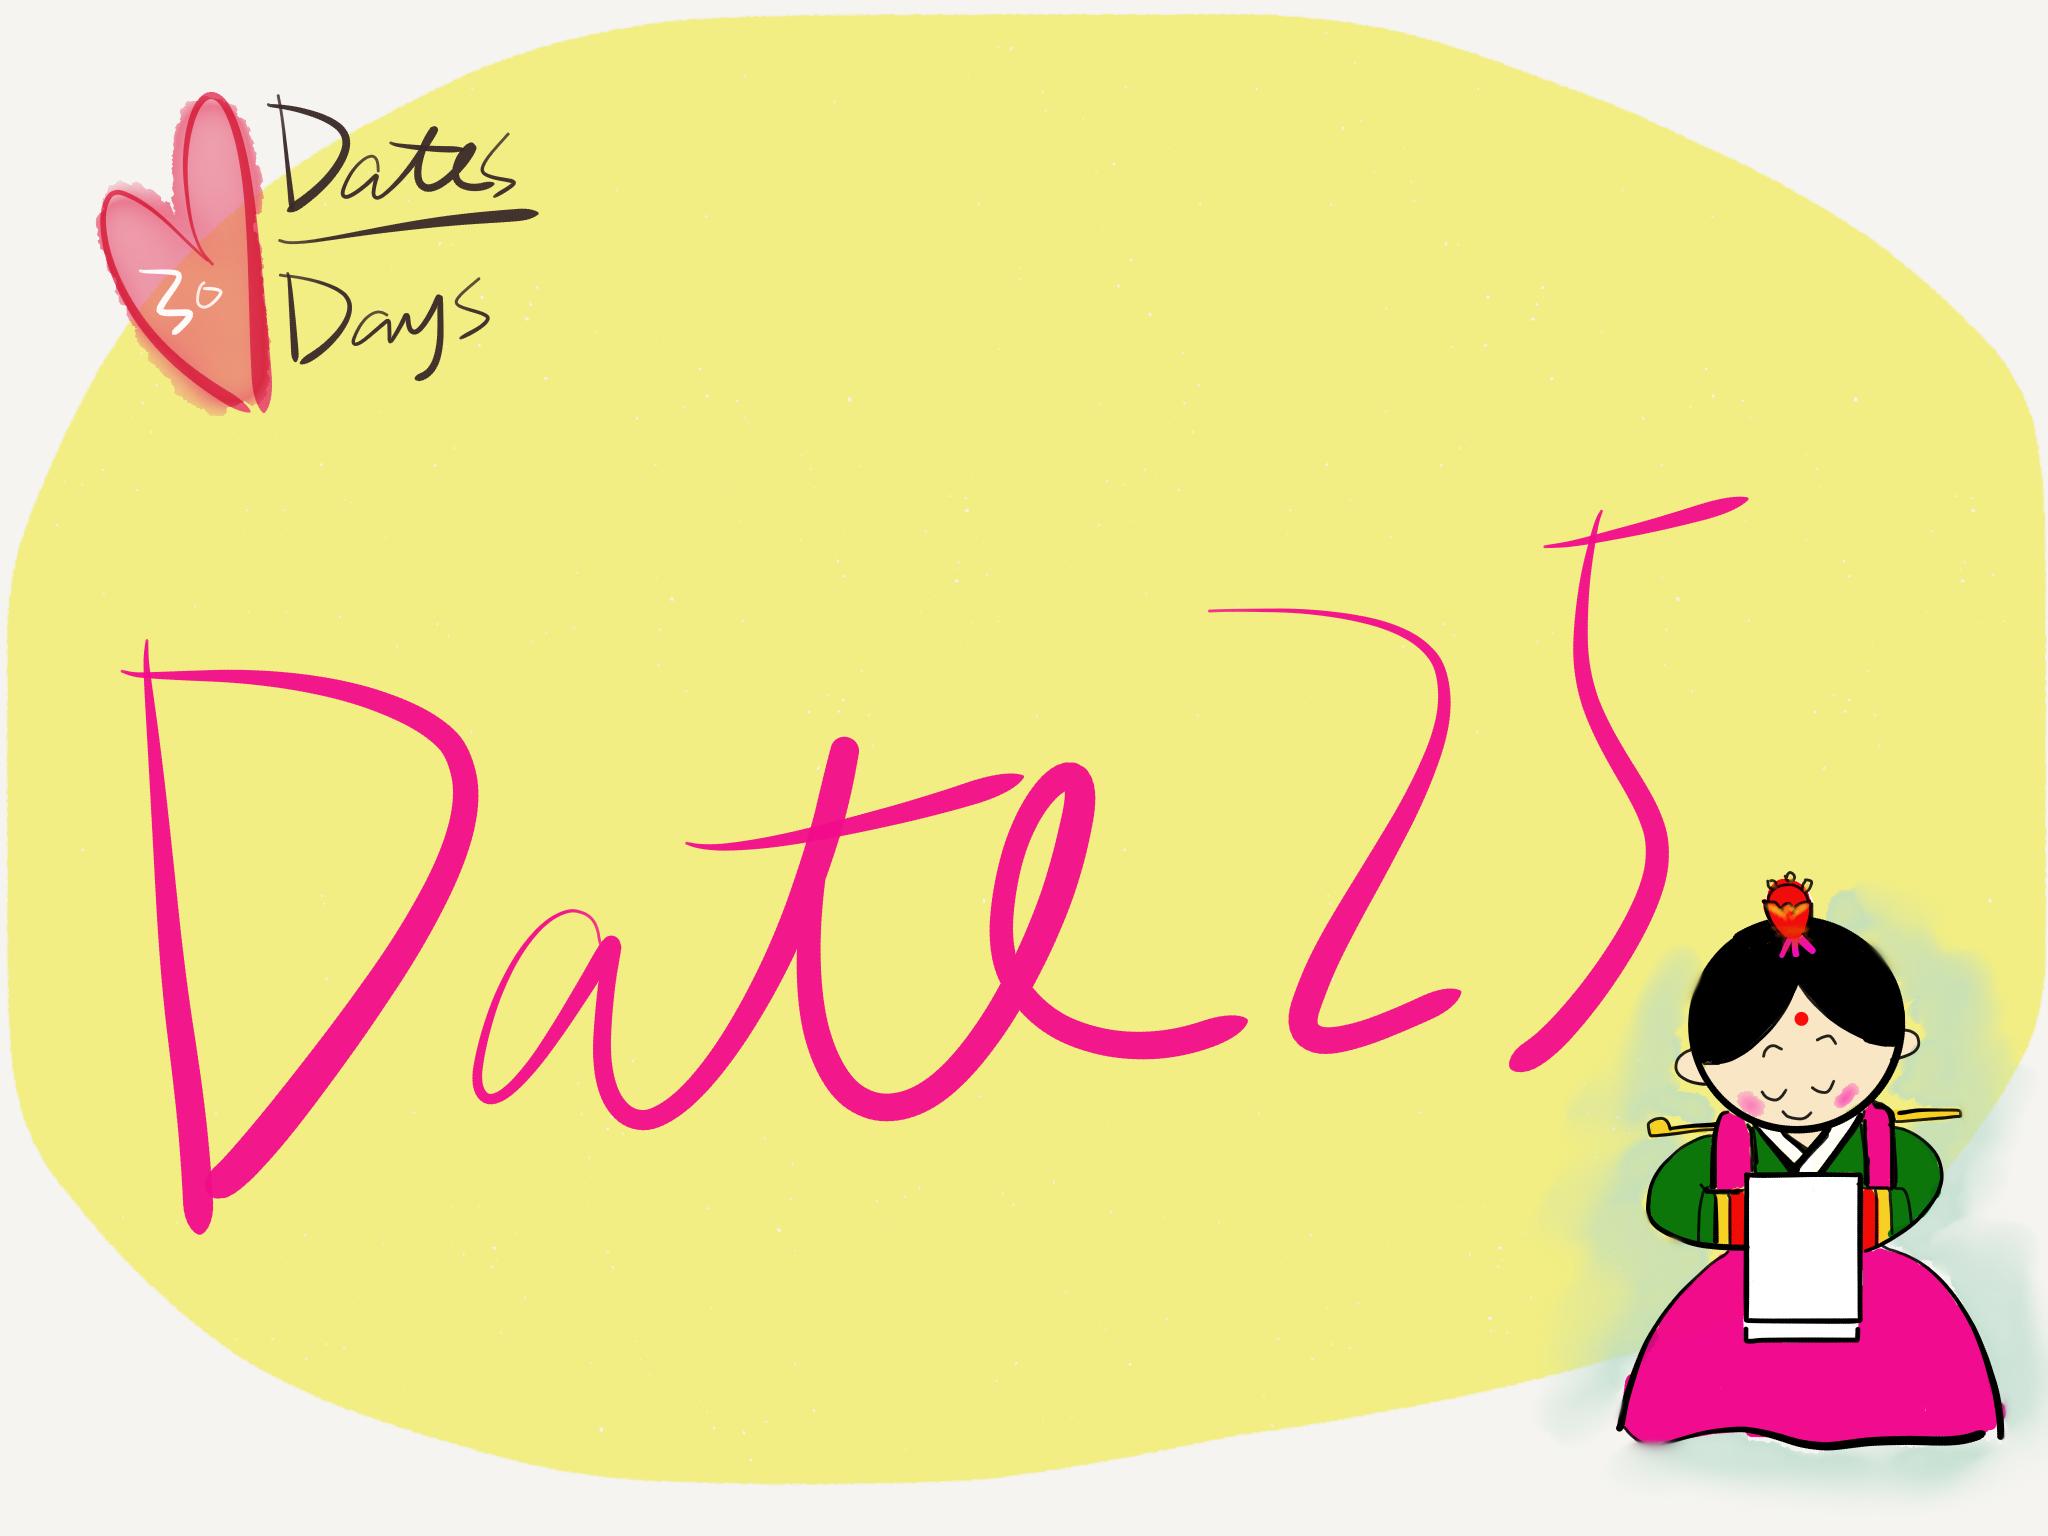 30 Dates - 28